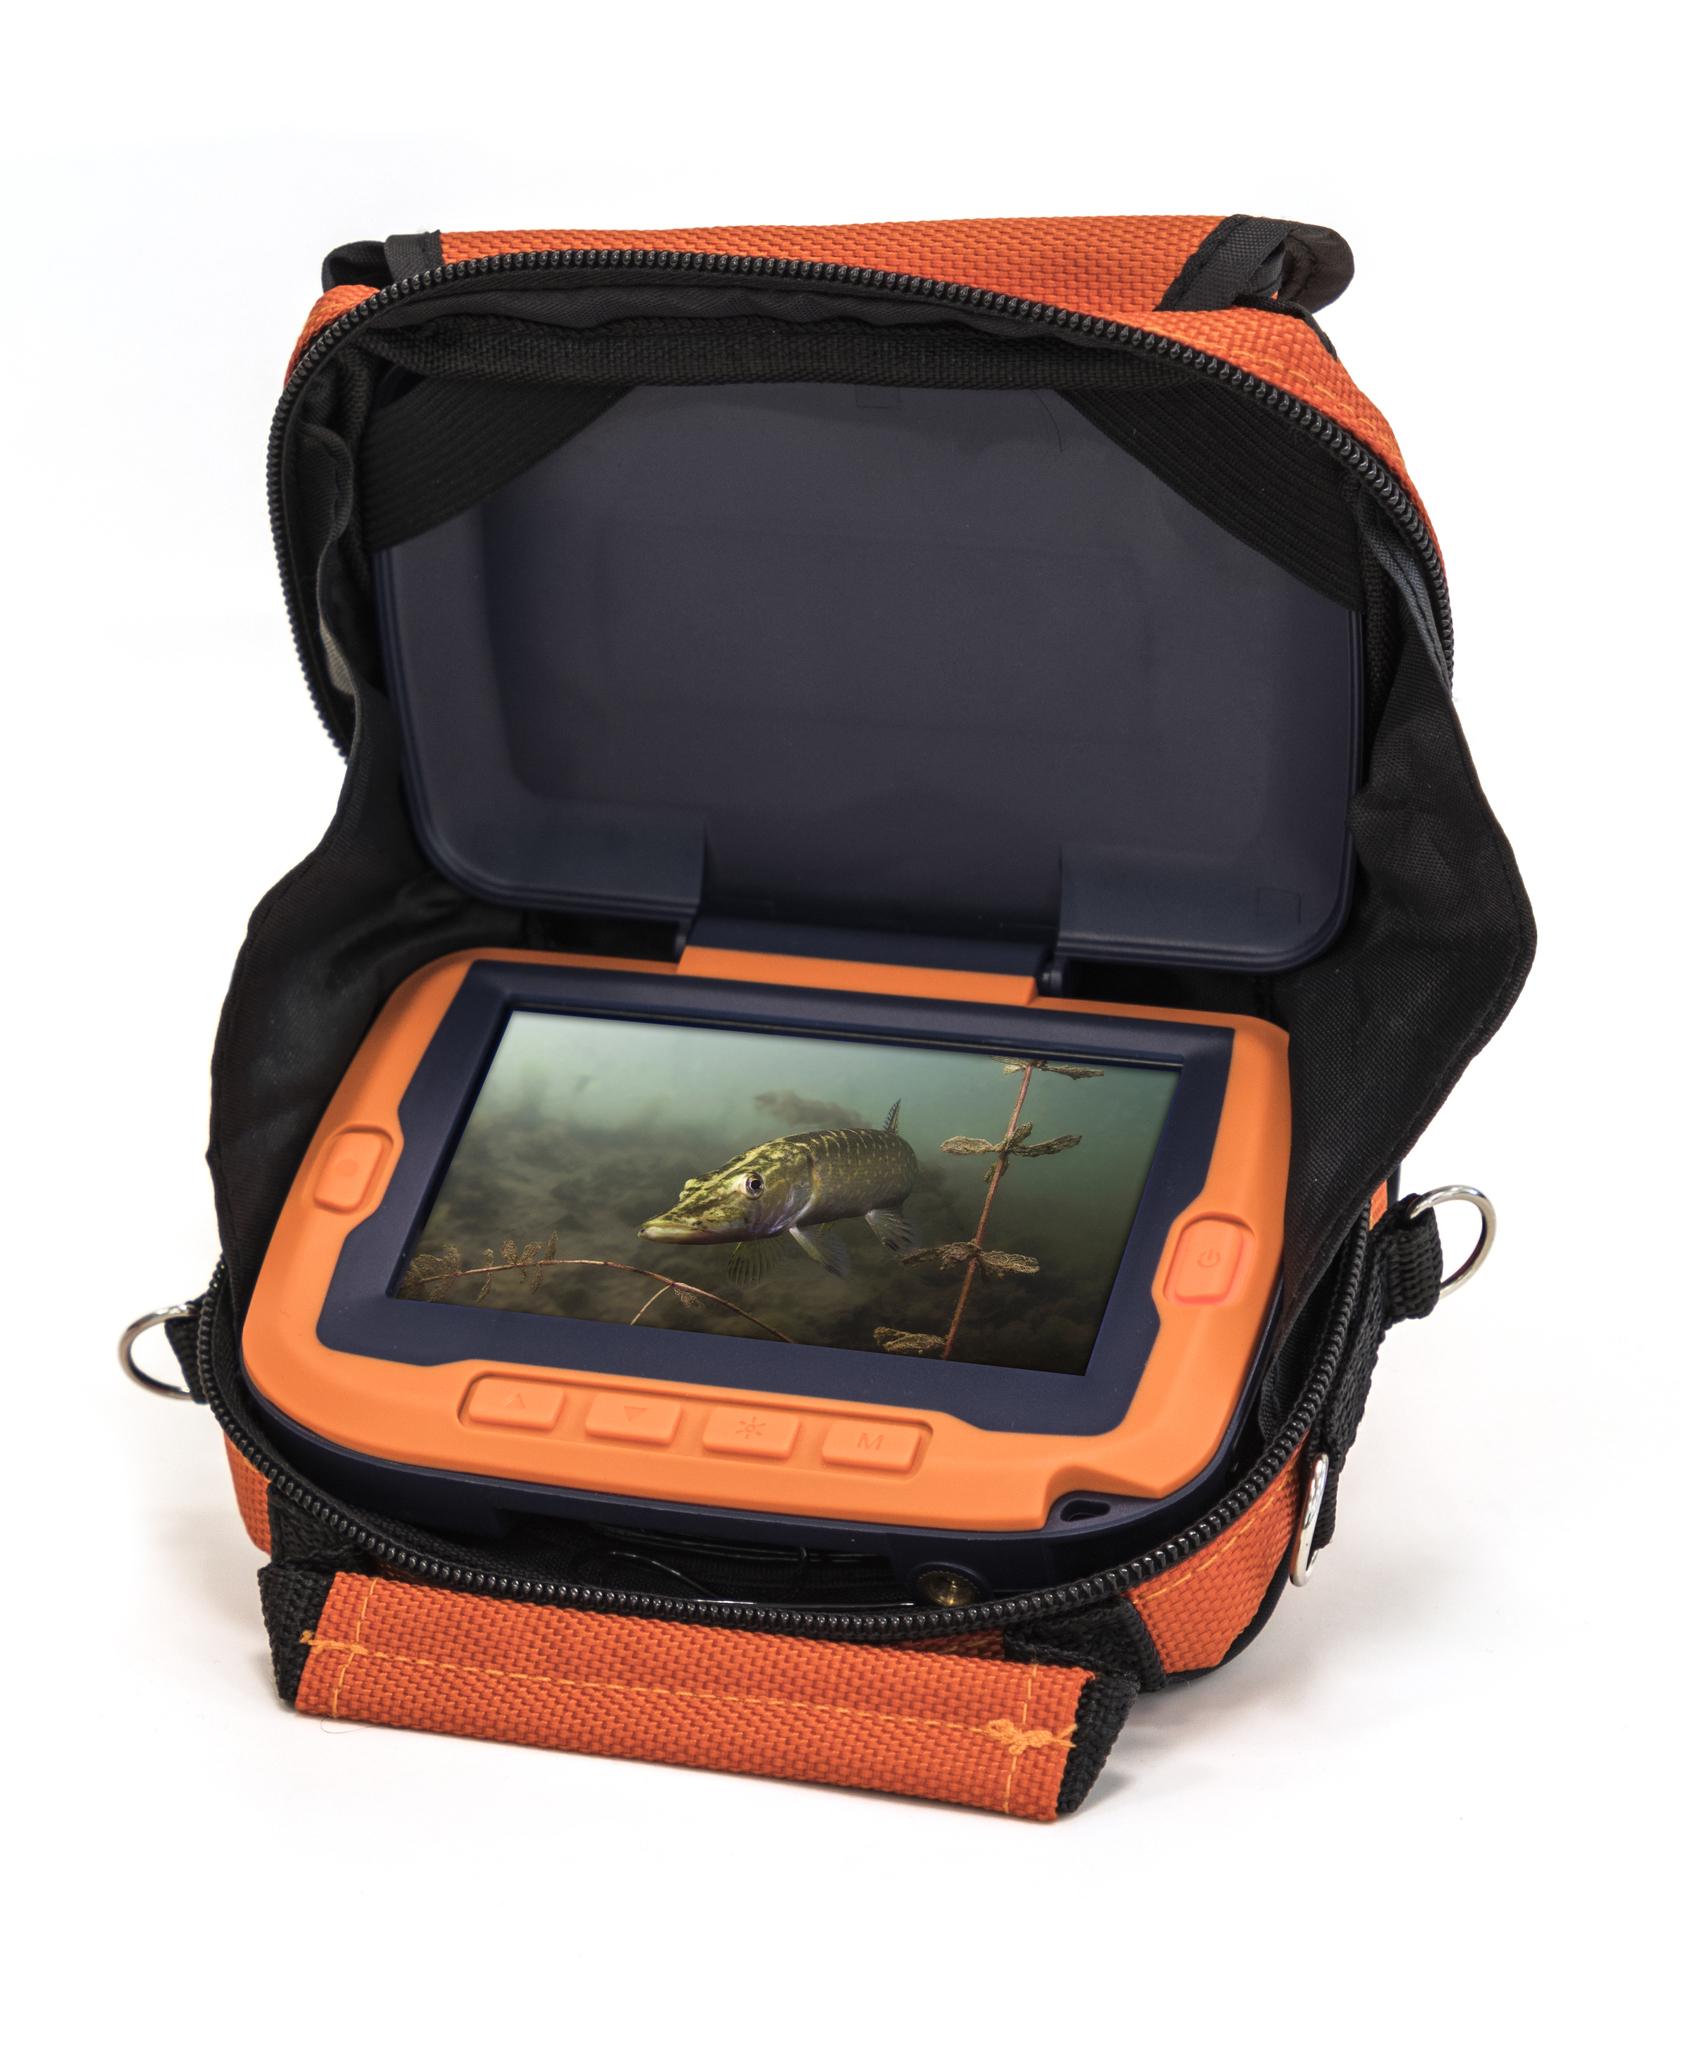 подводная камера для рыбалки купить